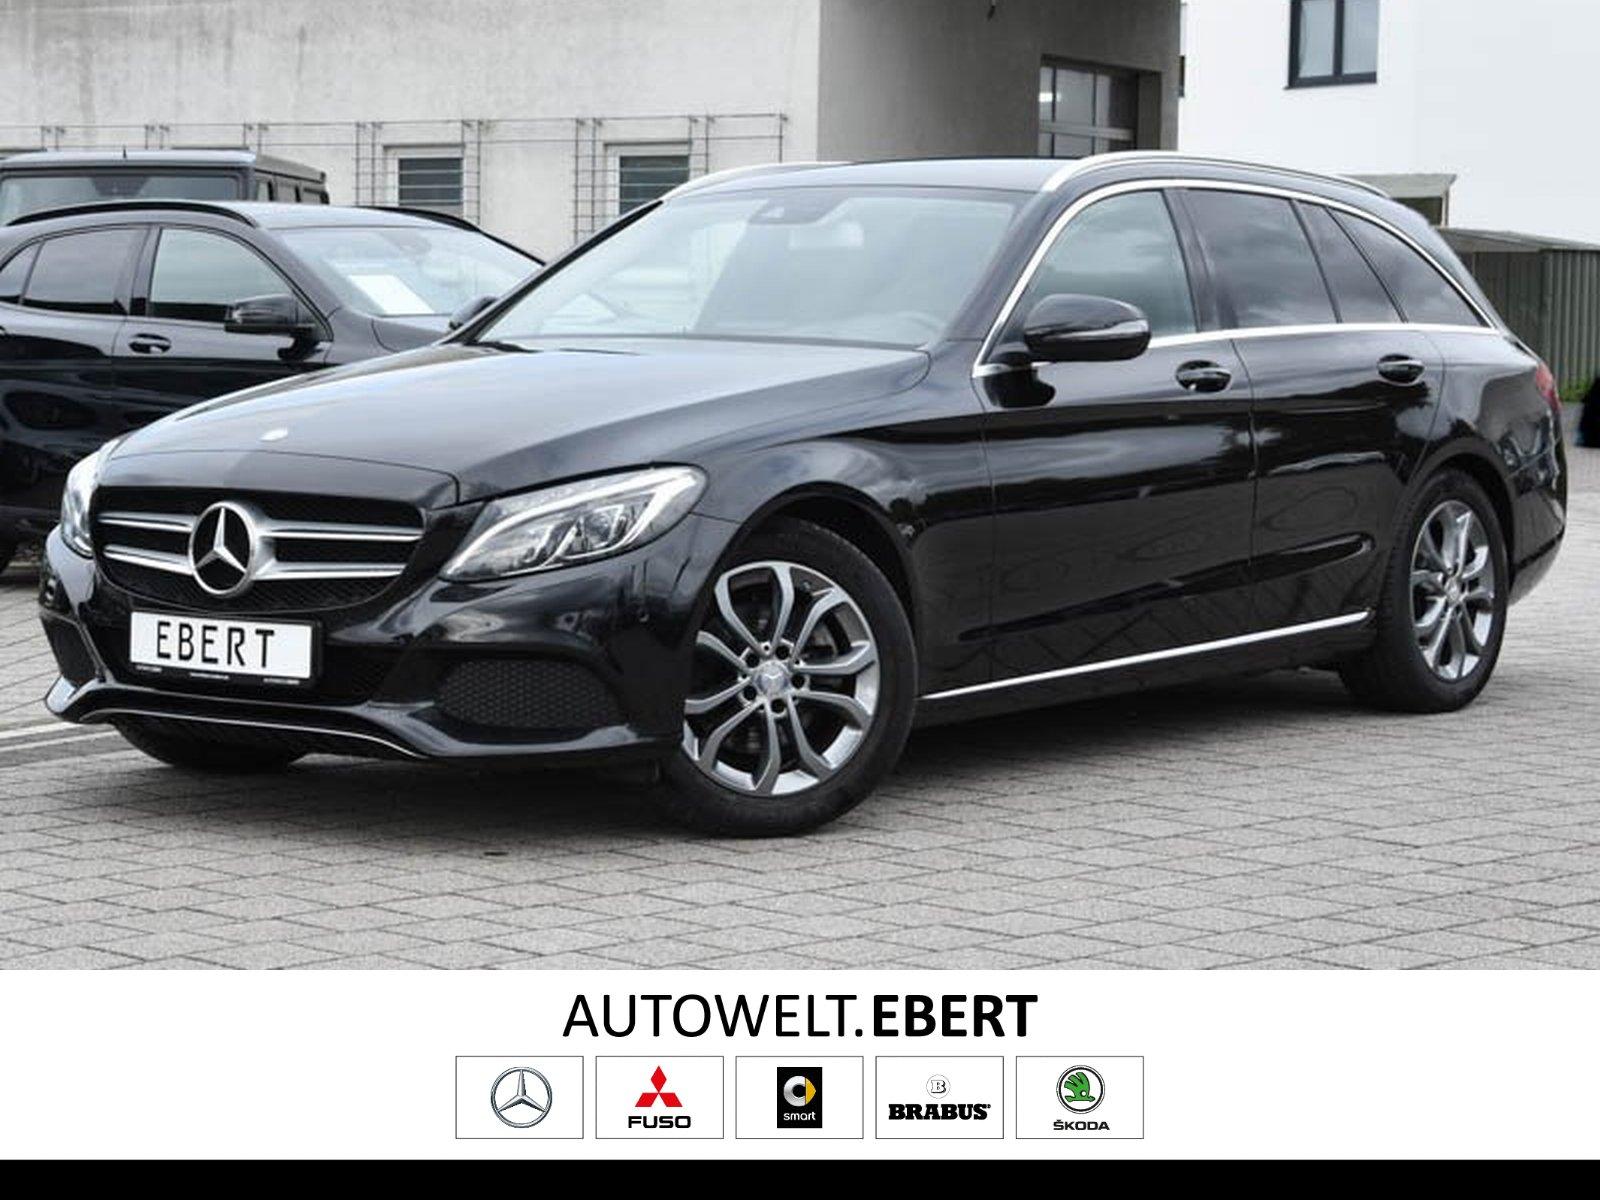 Mercedes-Benz C 220 d T Avantgarde NAVI+LED+PTS+SITZHZG+EU6, Jahr 2015, diesel